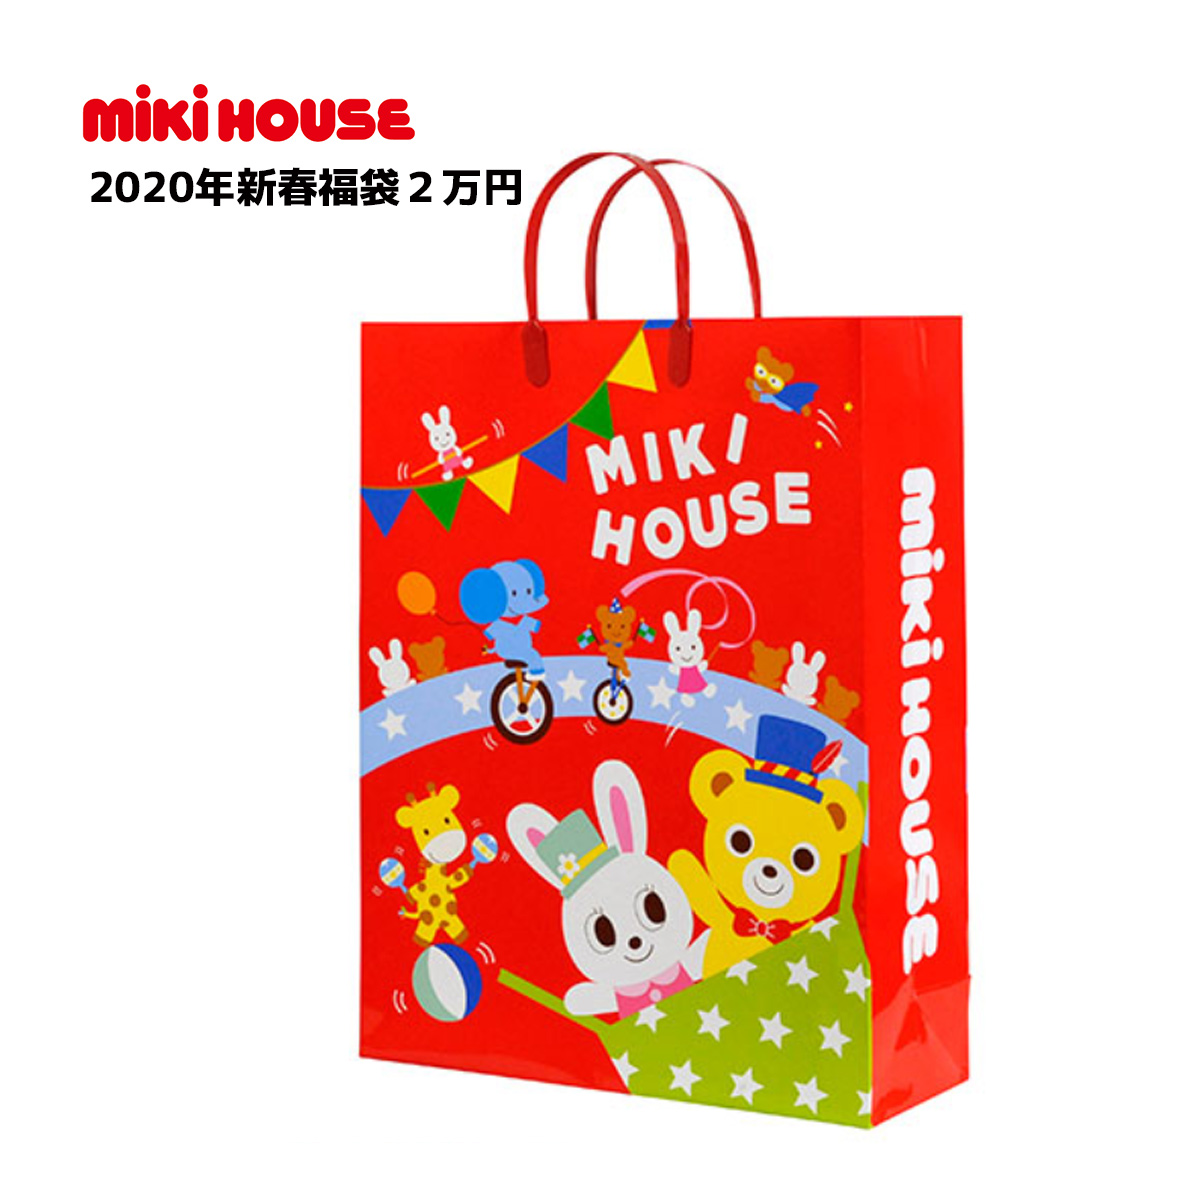 【クーポン除外品】【MIKIHOUSE ミキハウス】2020年新春福袋 2万円 (80cm-150cm)fuku-